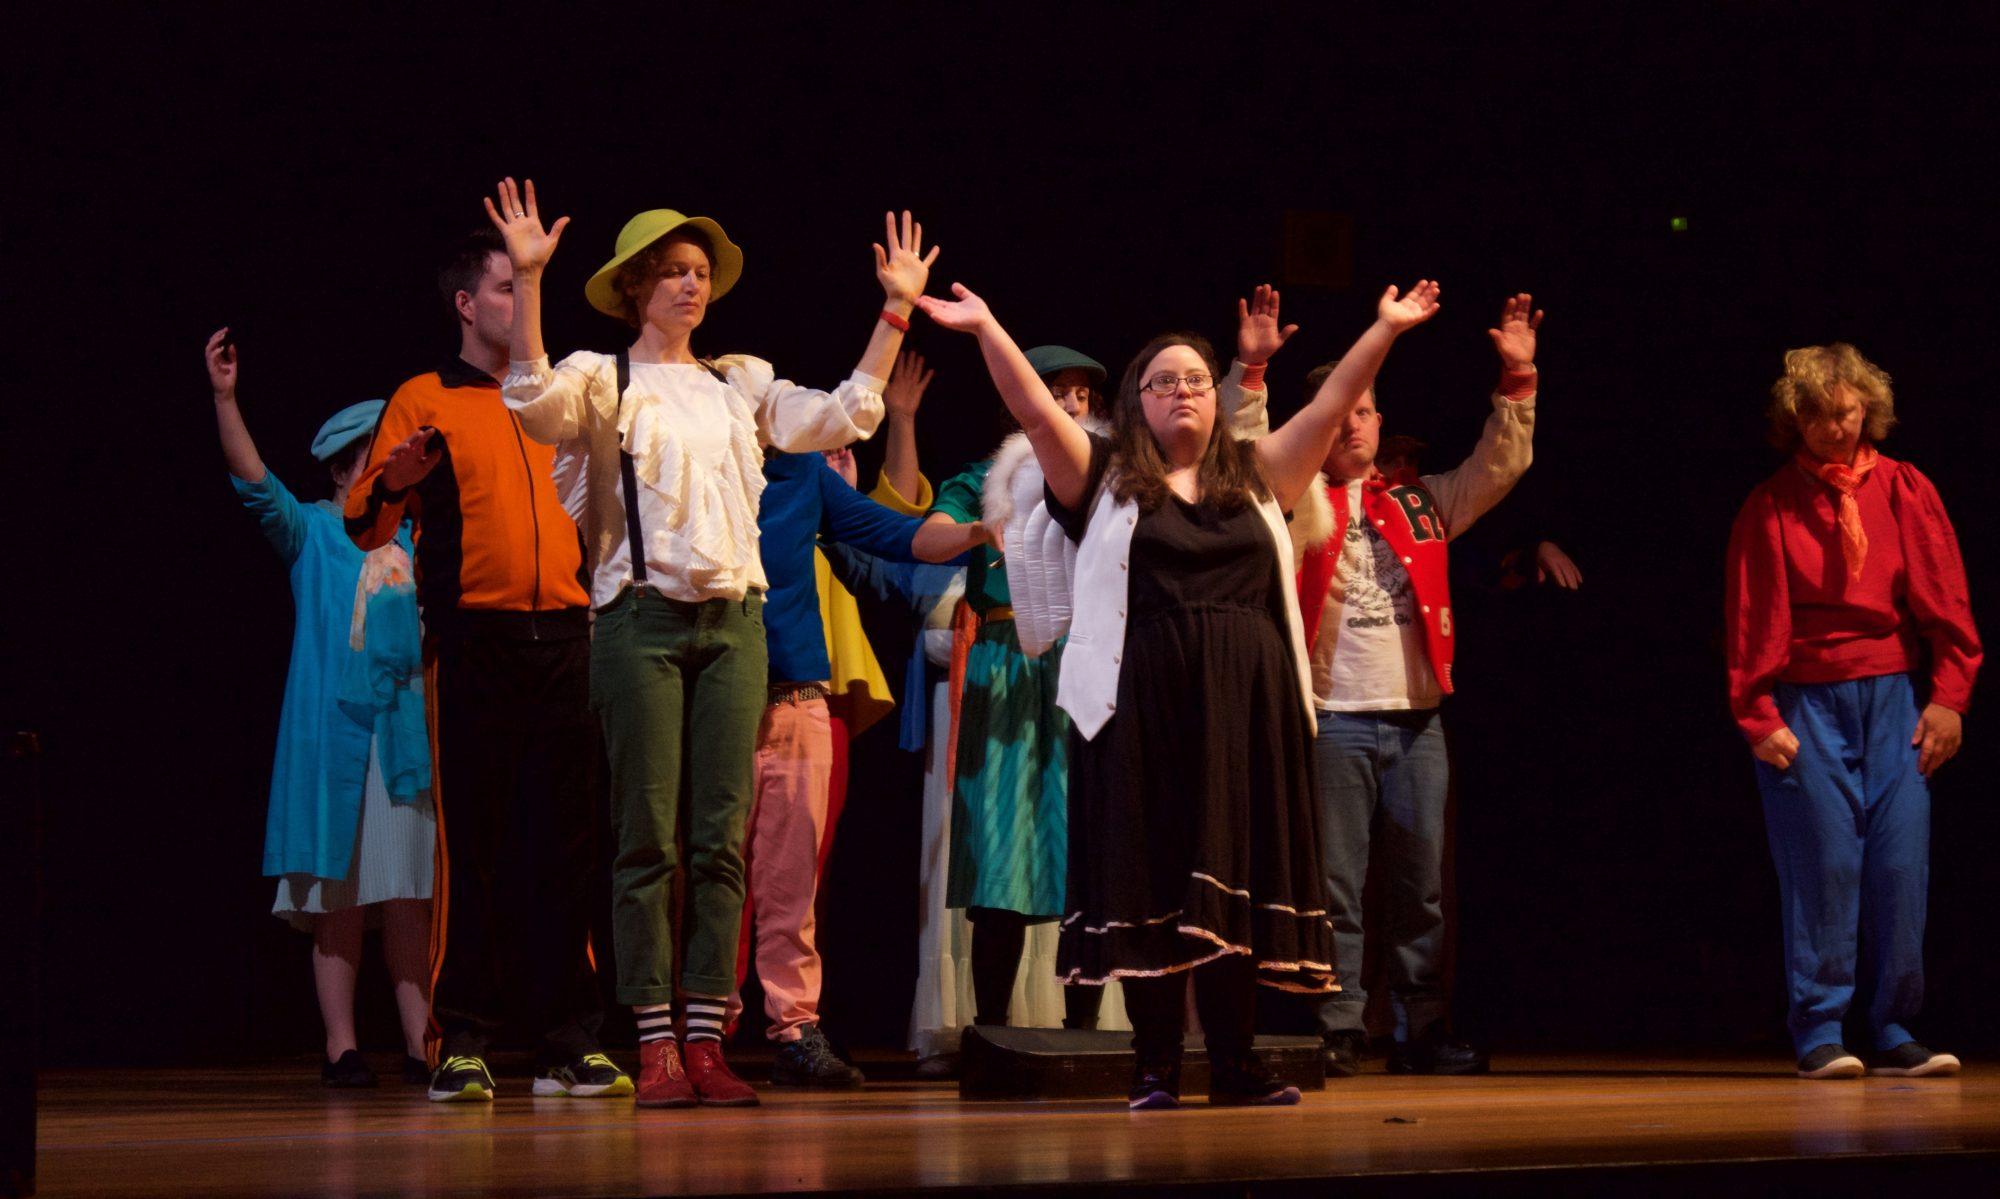 It's No Drama - Inclusive theatre